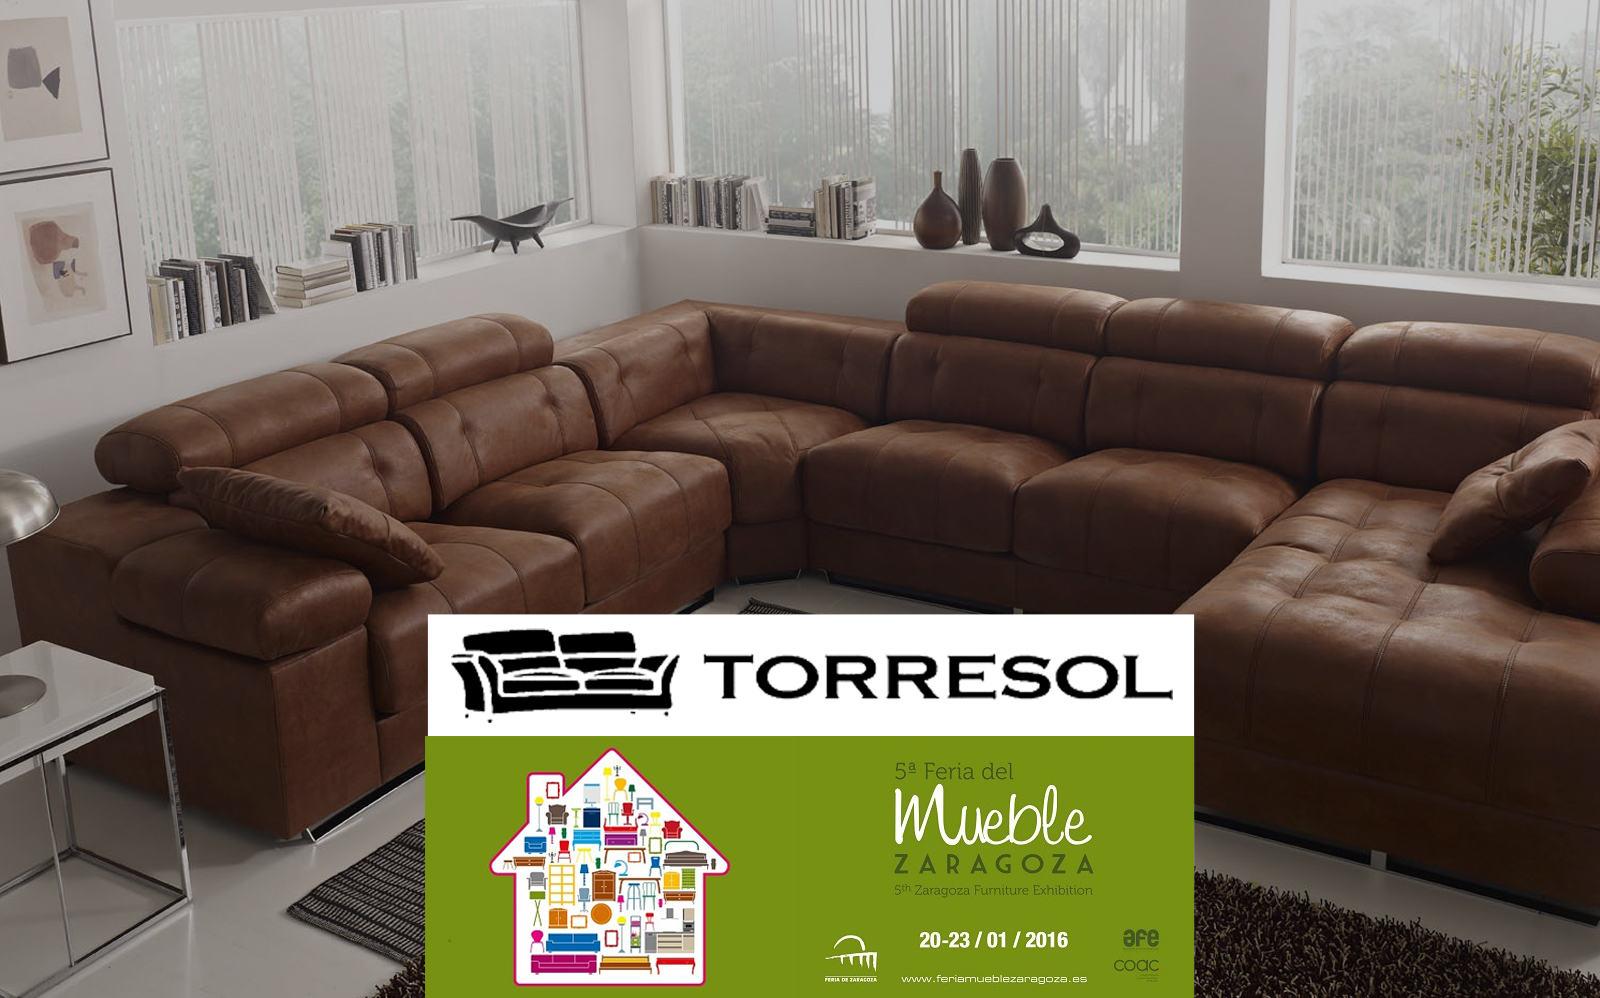 TORRESOL estará presente en la Feria del Mueble de Zaragoza 2016 .